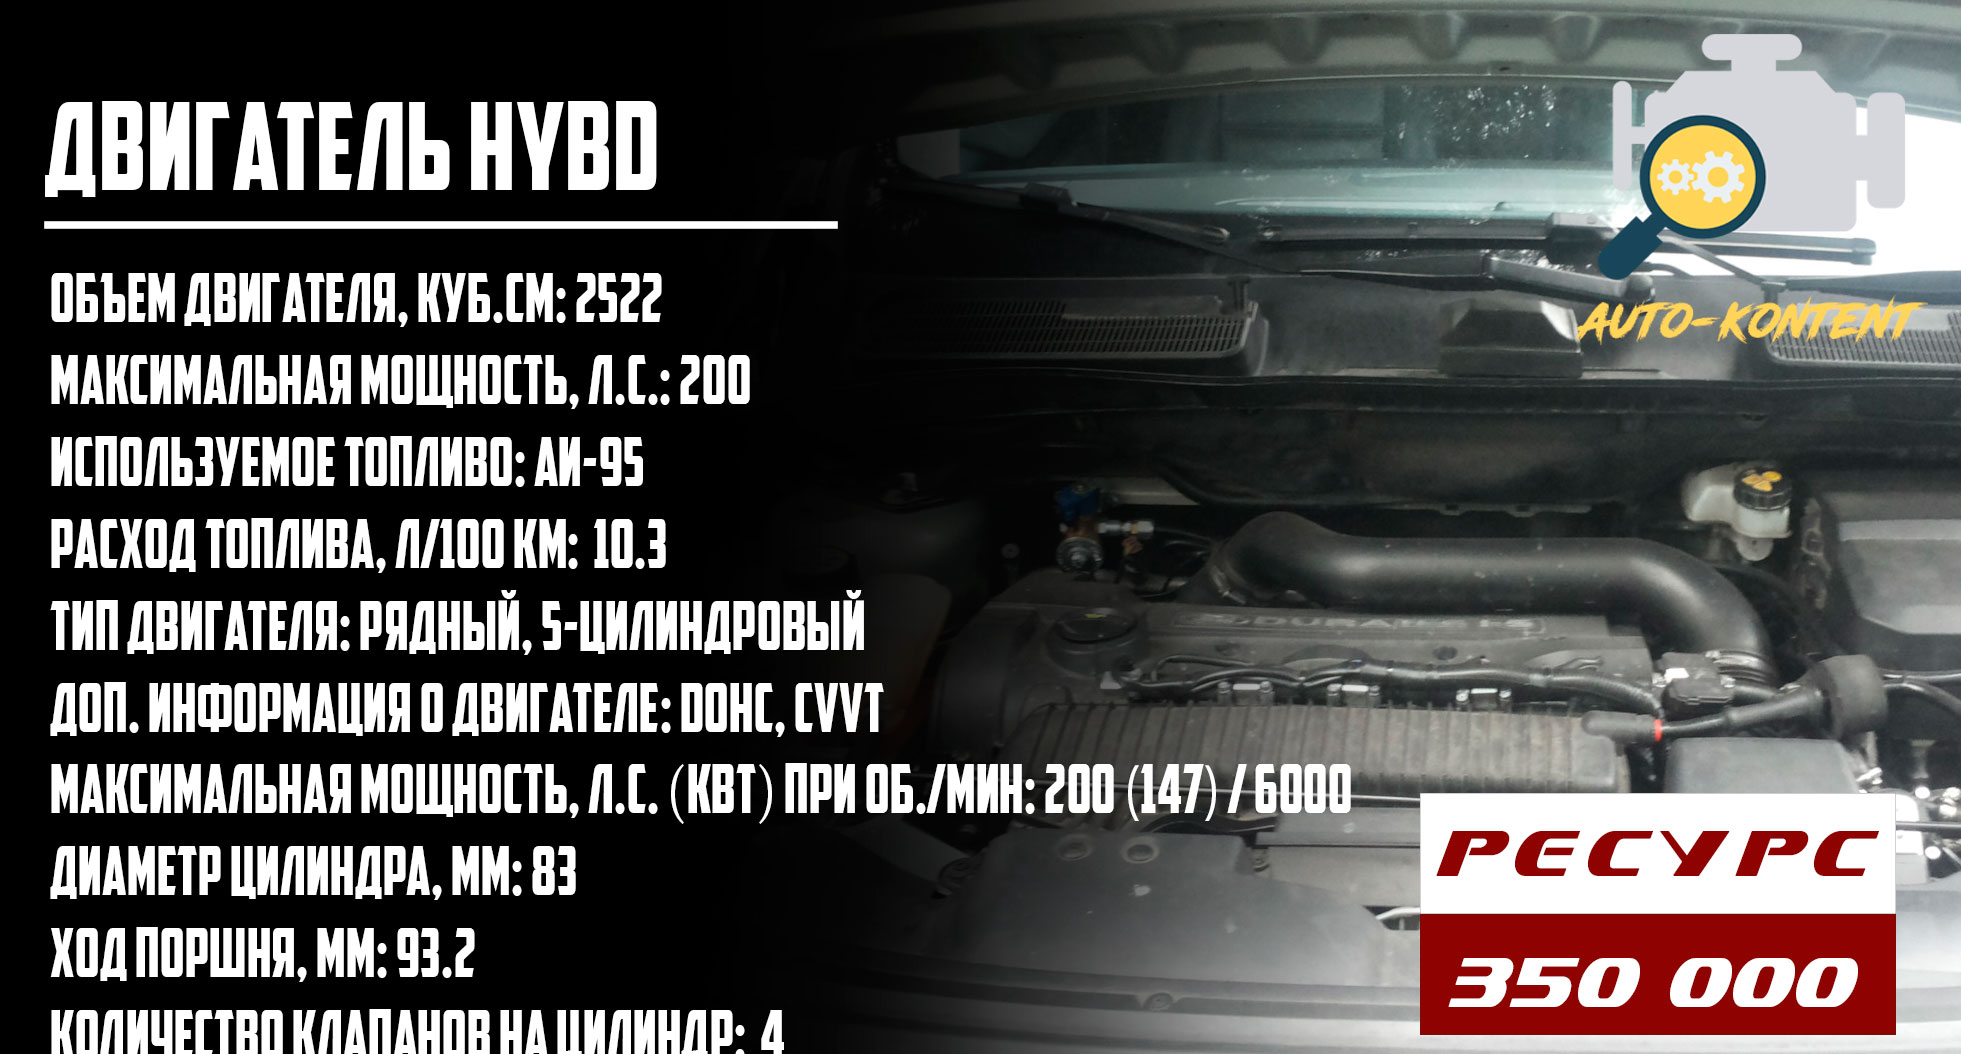 ресурс двигателя HYBD